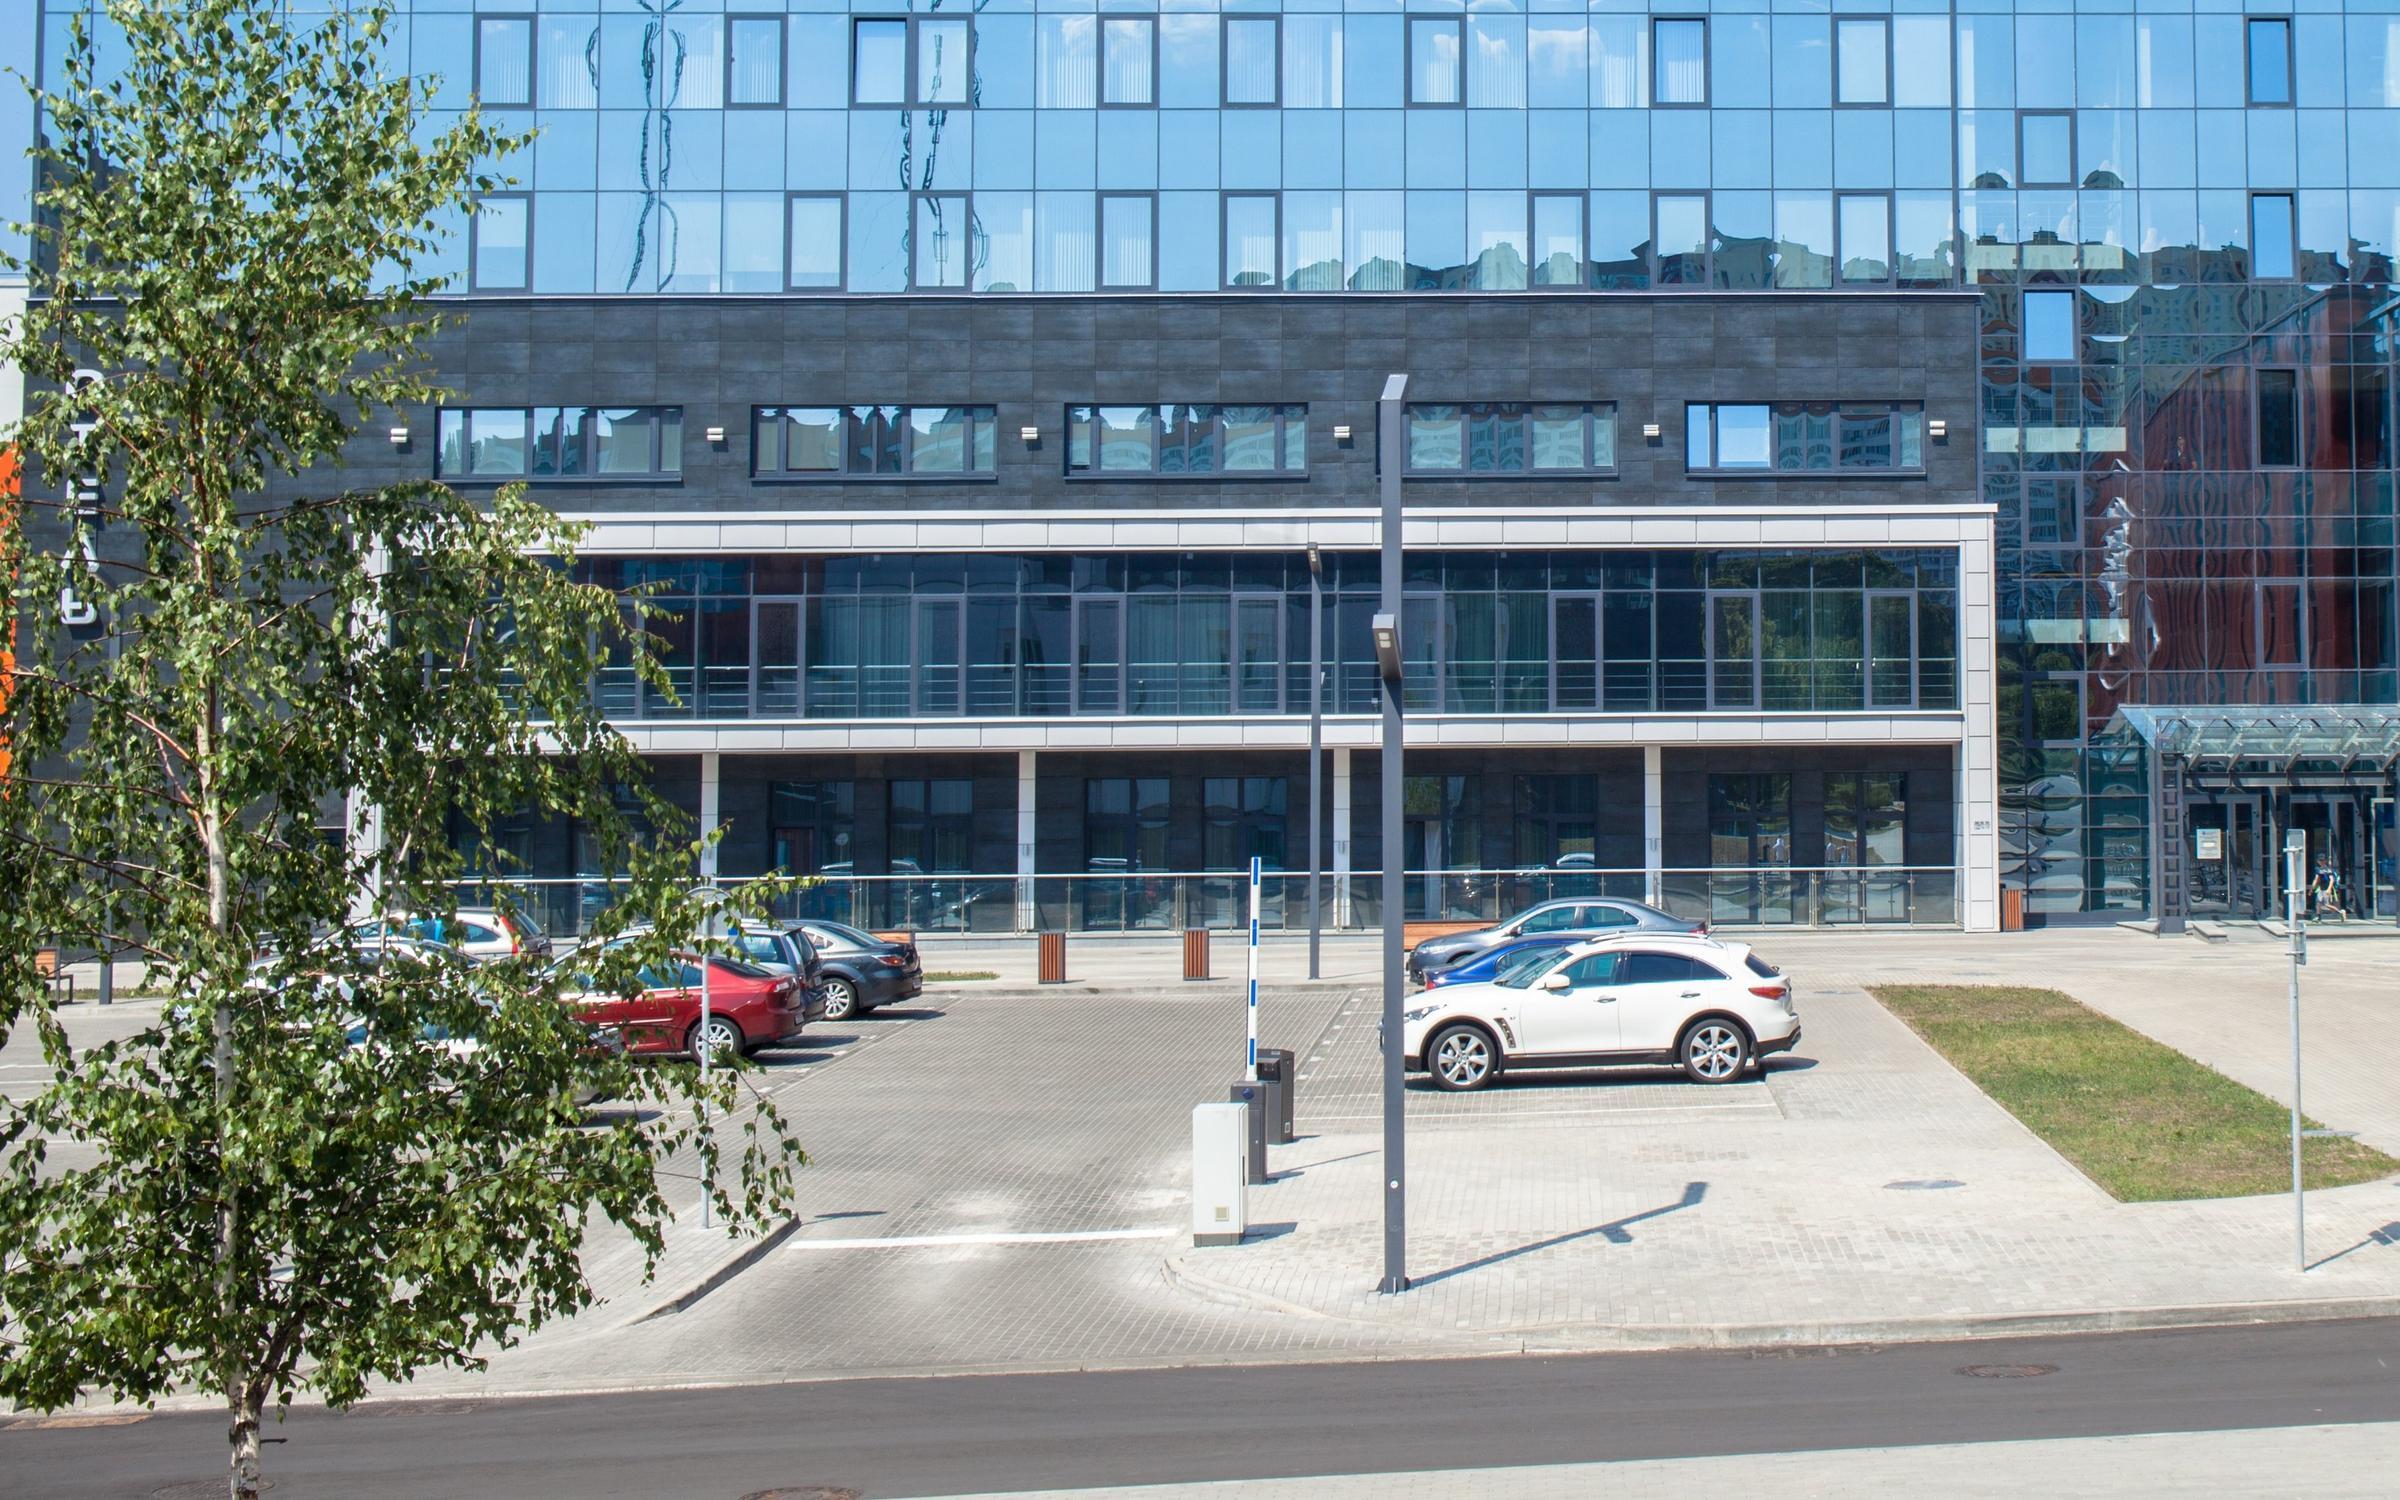 фотография Медицинского центра Аква-Минск Клиника на улице Рокоссовского